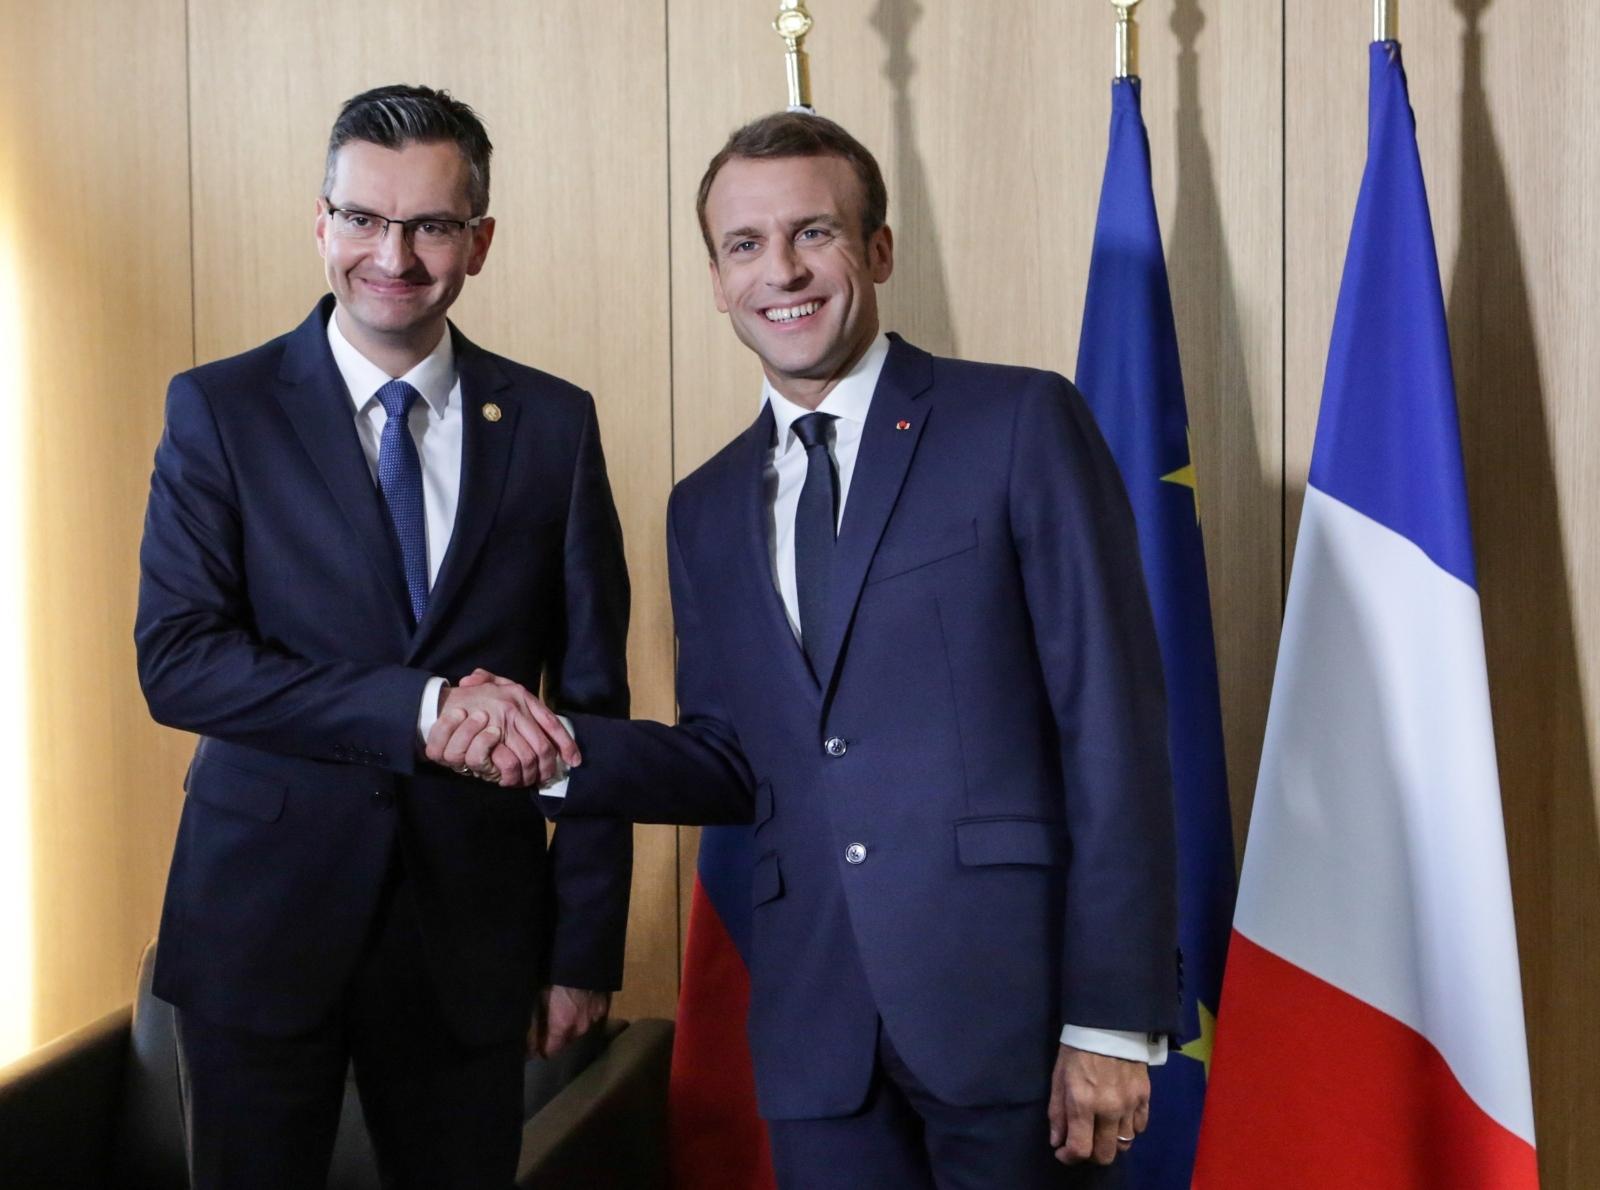 """Macron """"uglavnom saslušao"""" Šarčeva stajališta o pitanju granice s Hrvatskom"""